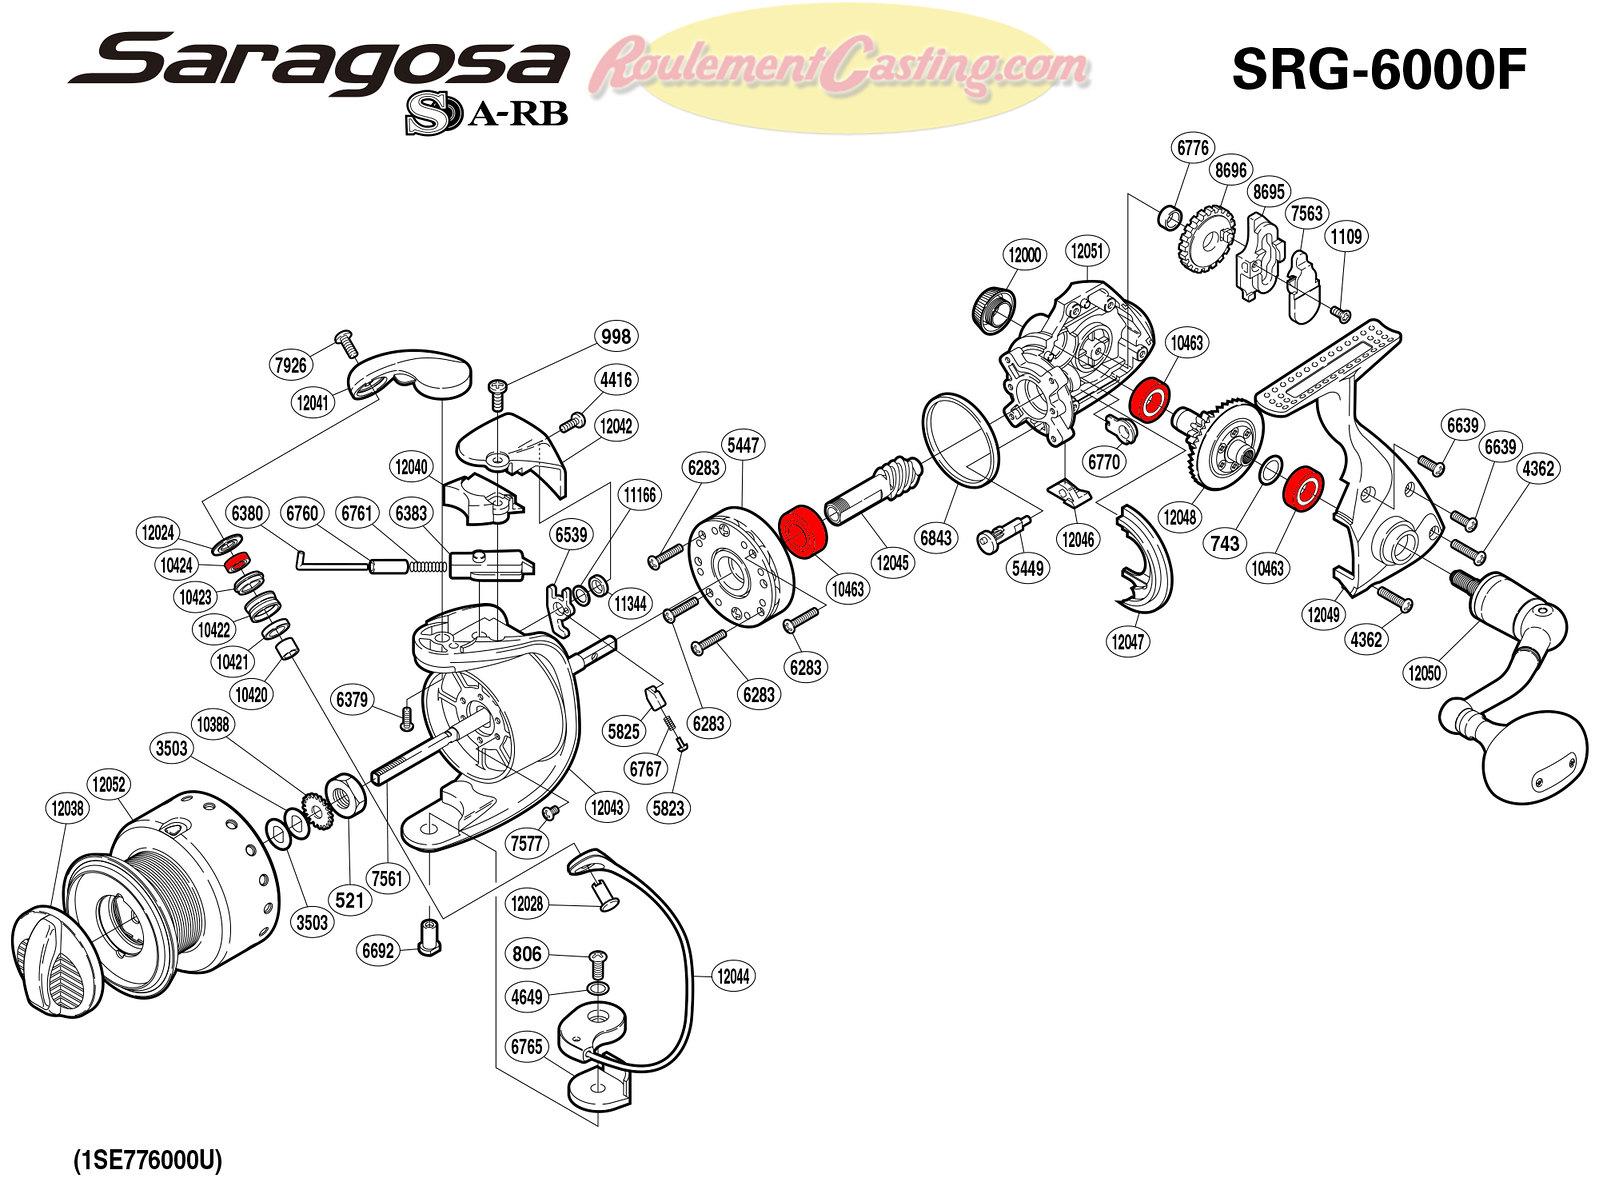 Schema-Shimano-SARAGOSA-6000F.